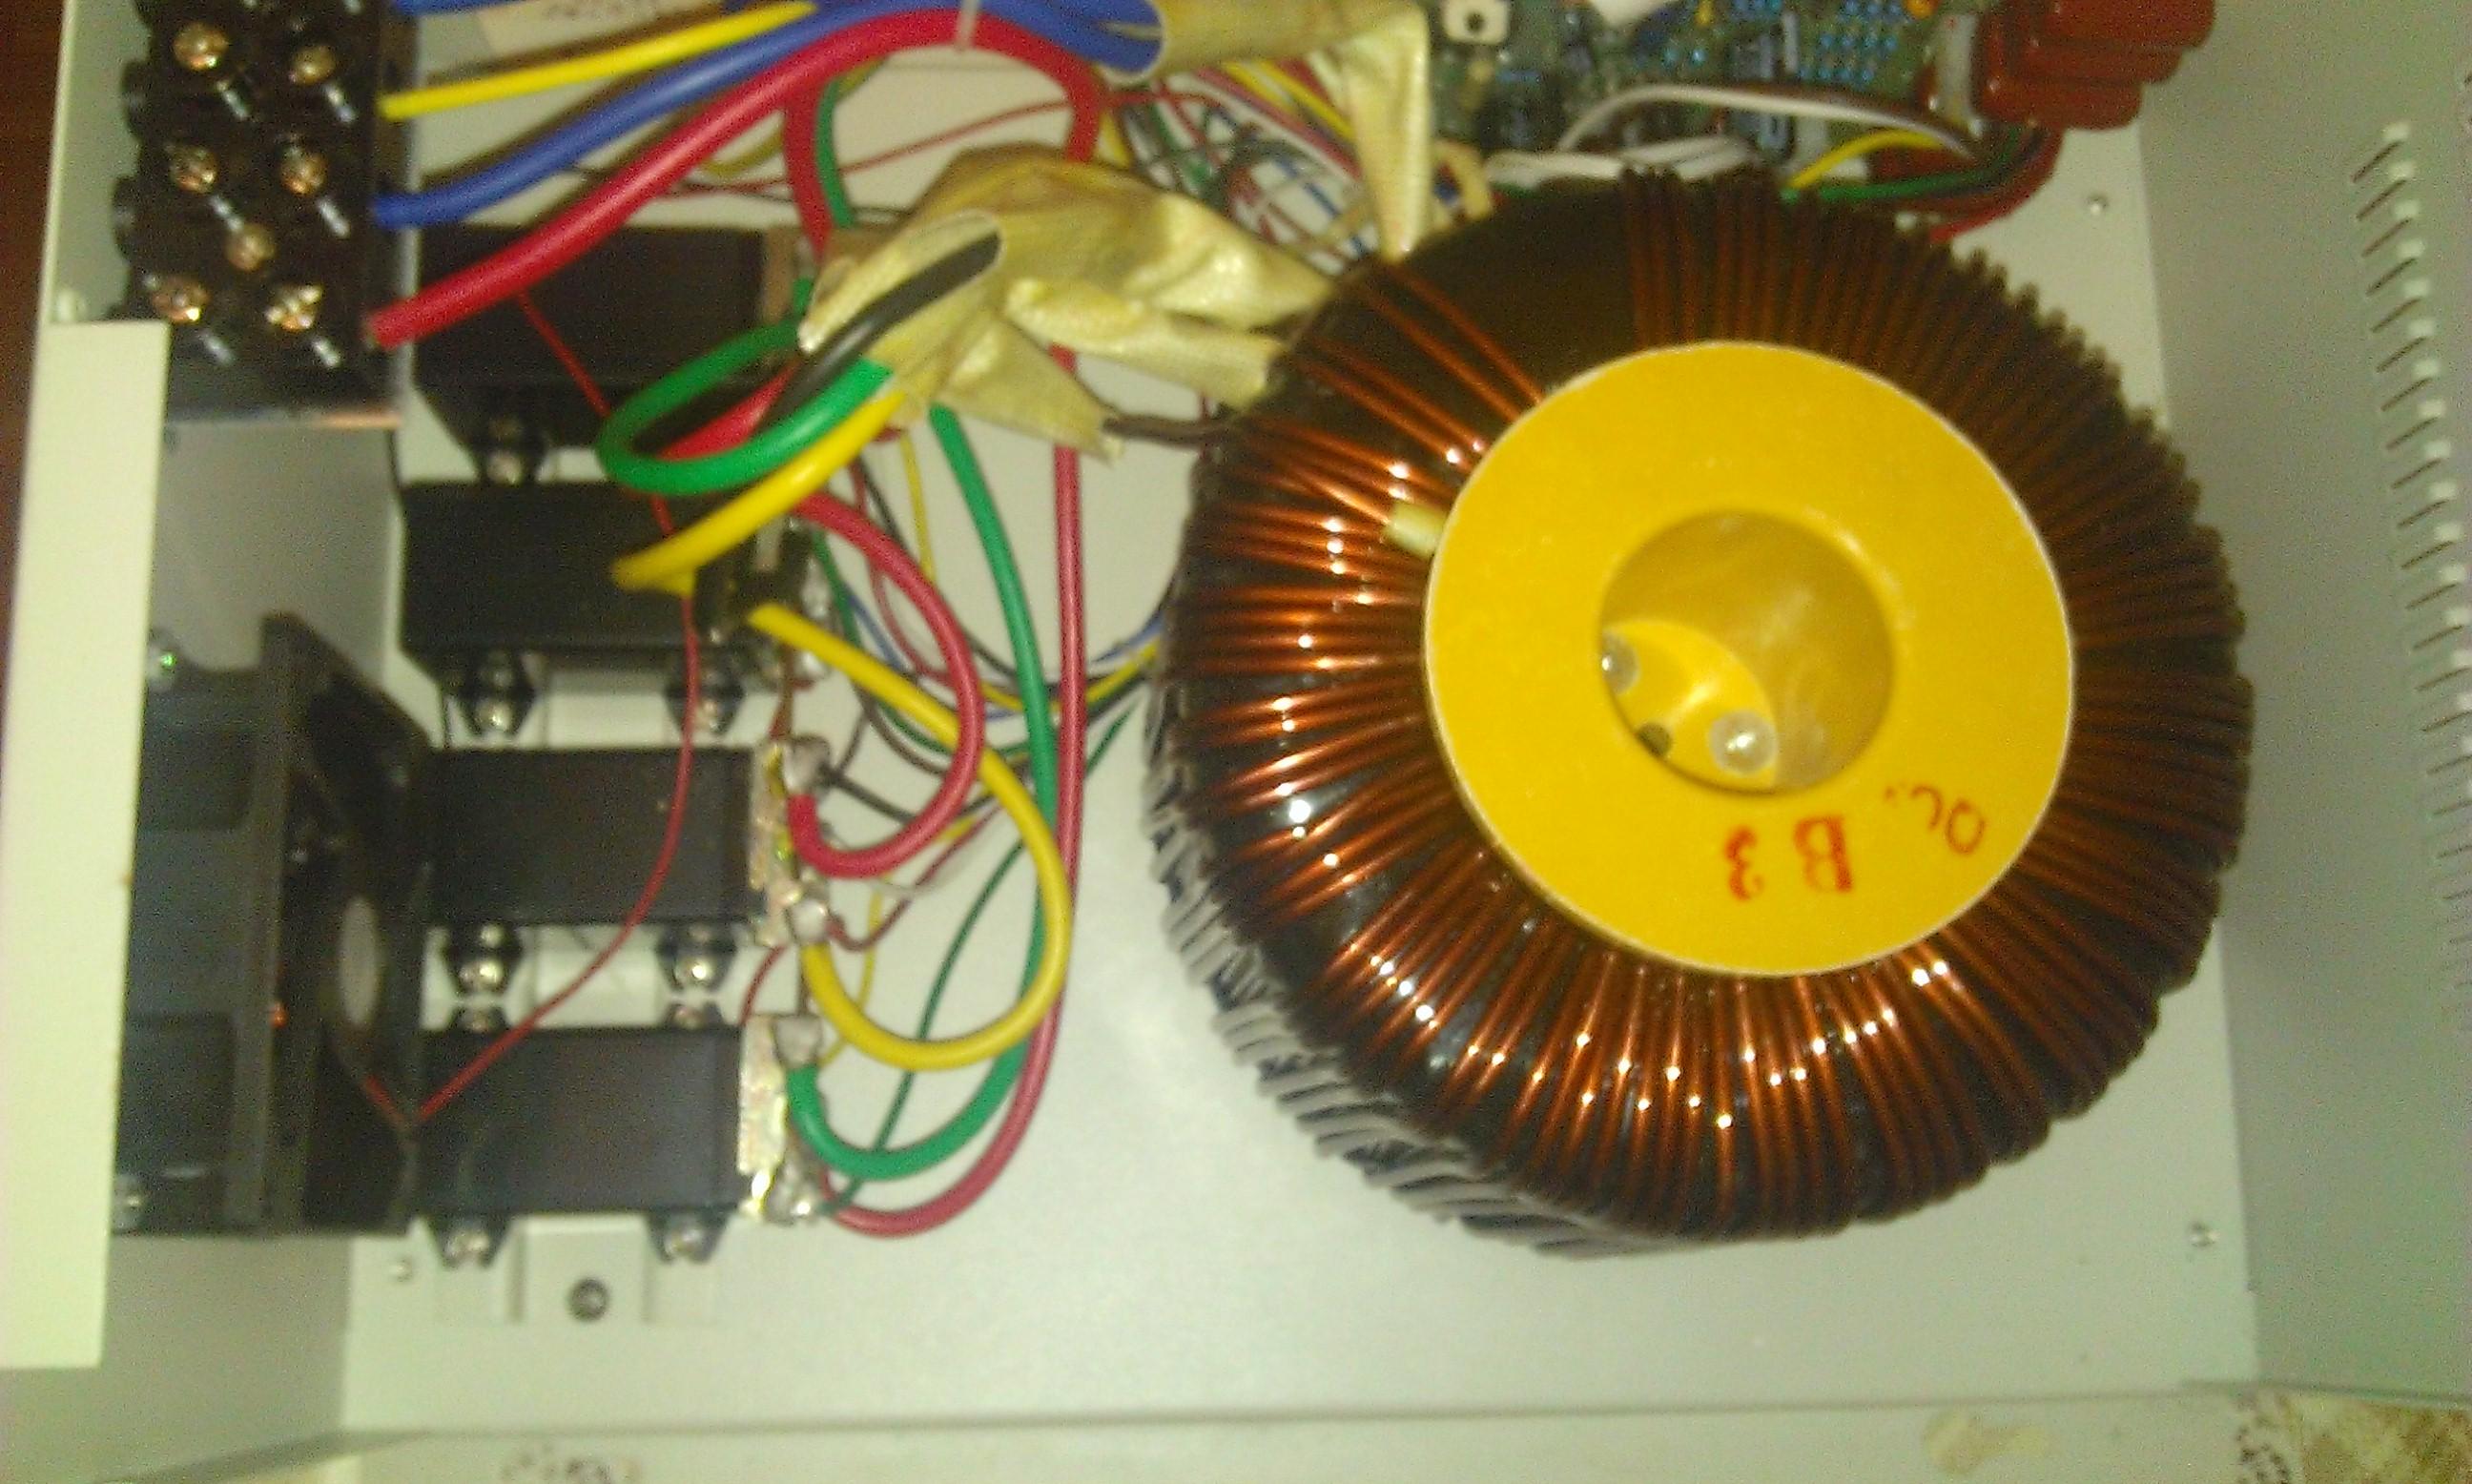 Стабилизатор напряжения АСН со снятой крышкой. Слева видны 4 реле и вентилятор